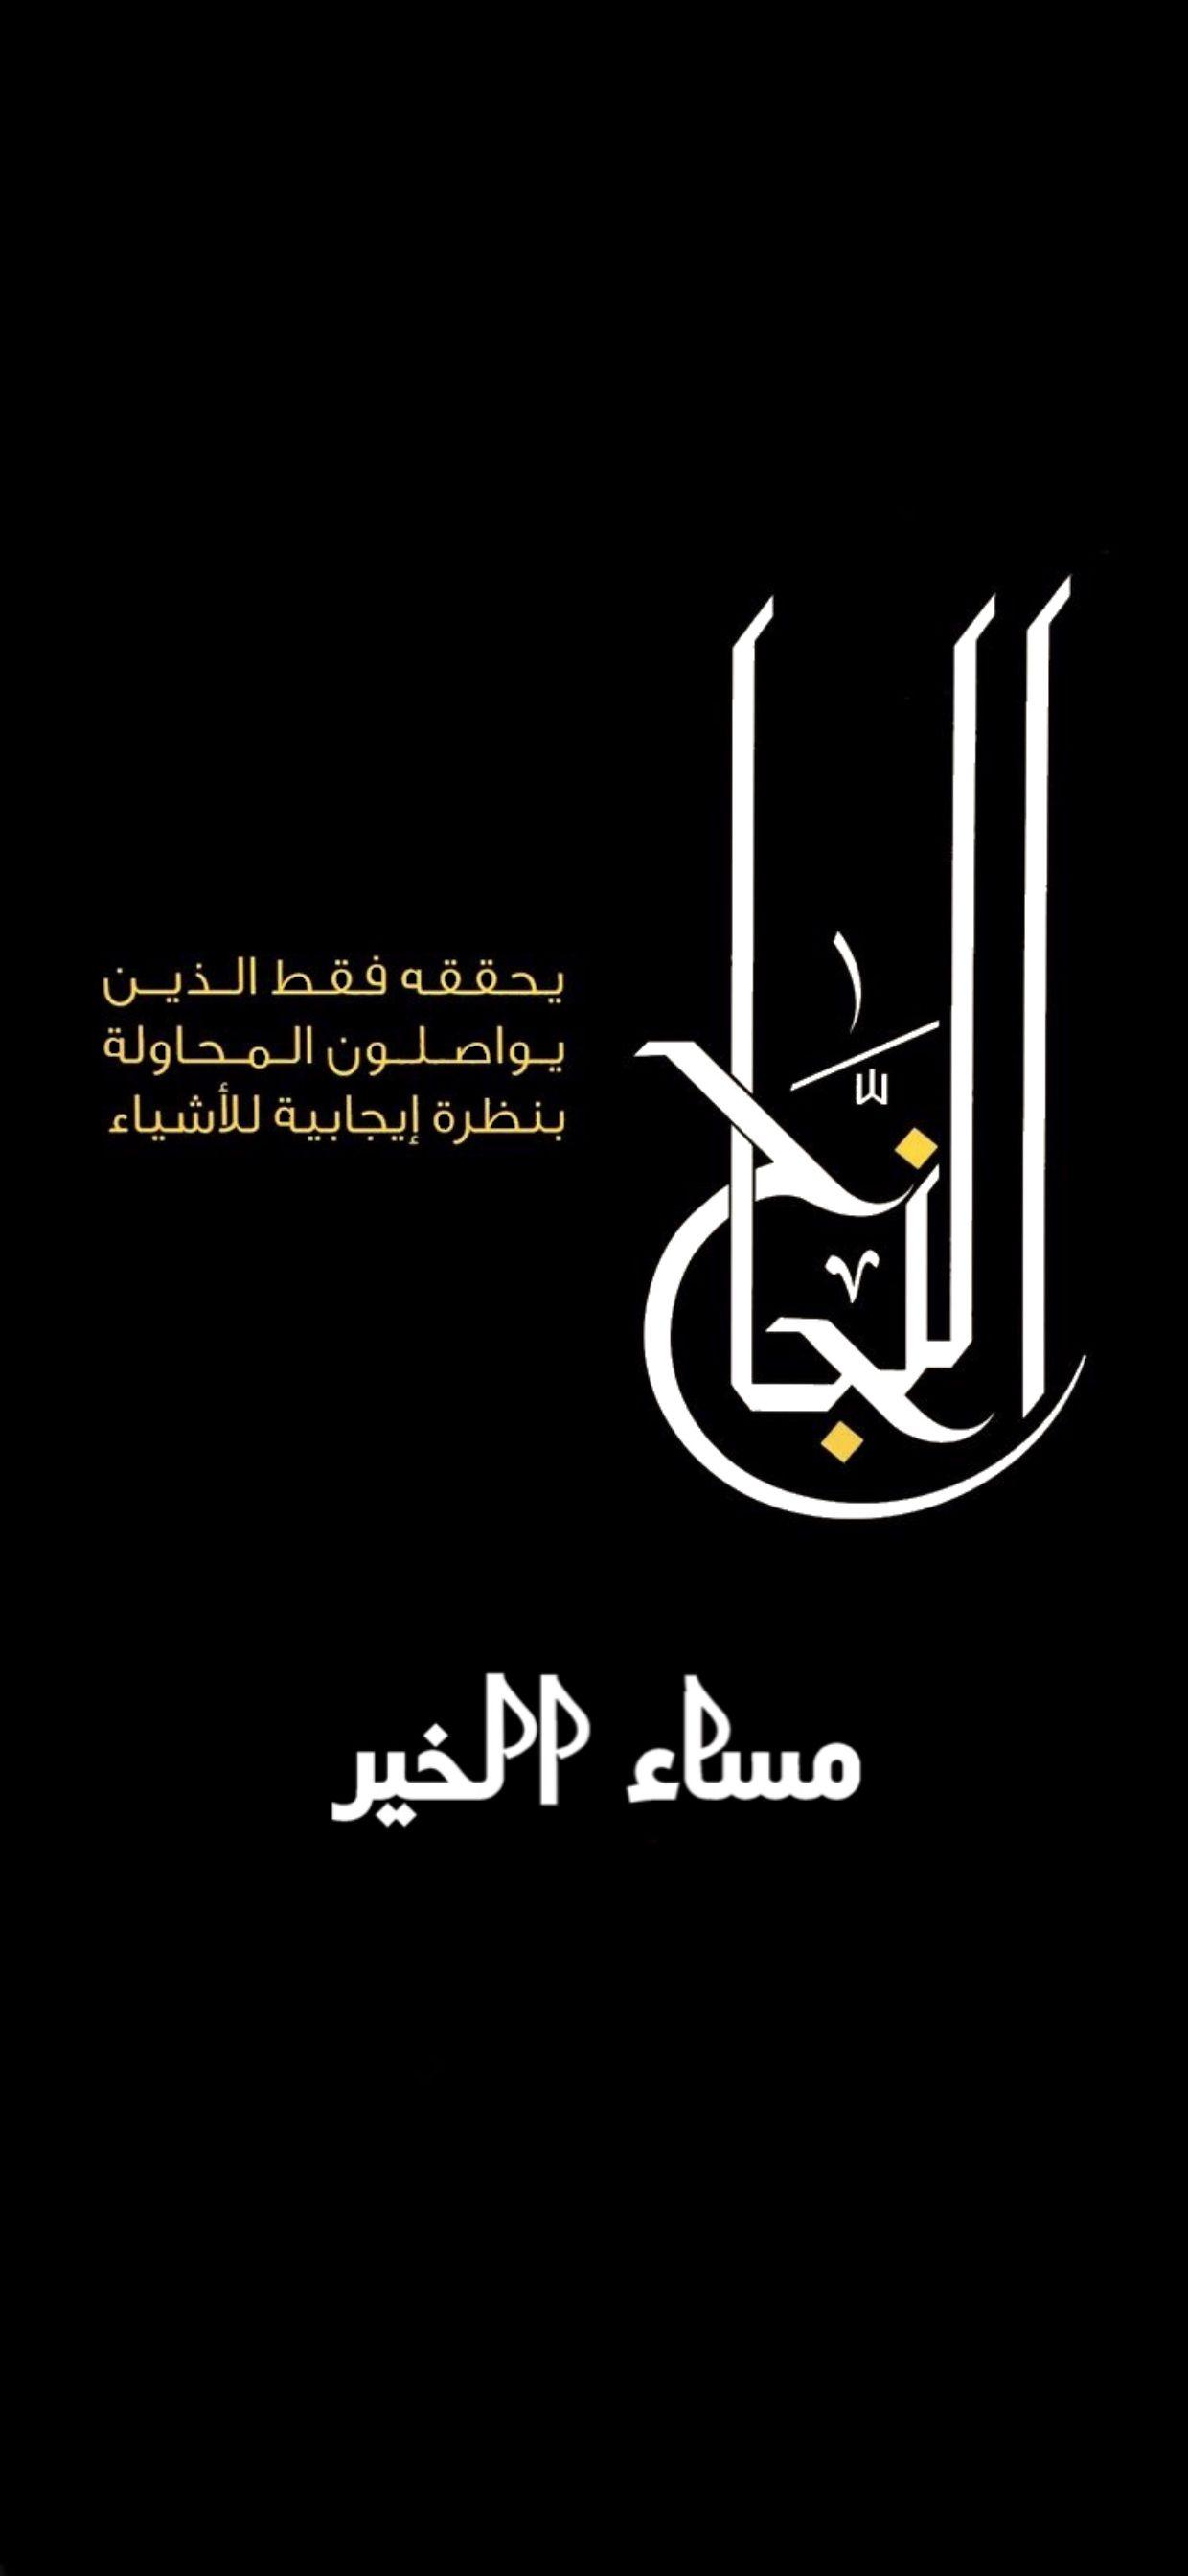 السعوديه رمضان سناب كويت فايروس كورونا تصميم شعار لوقو دعاء النجاح مساء الخير Calligraphy Art